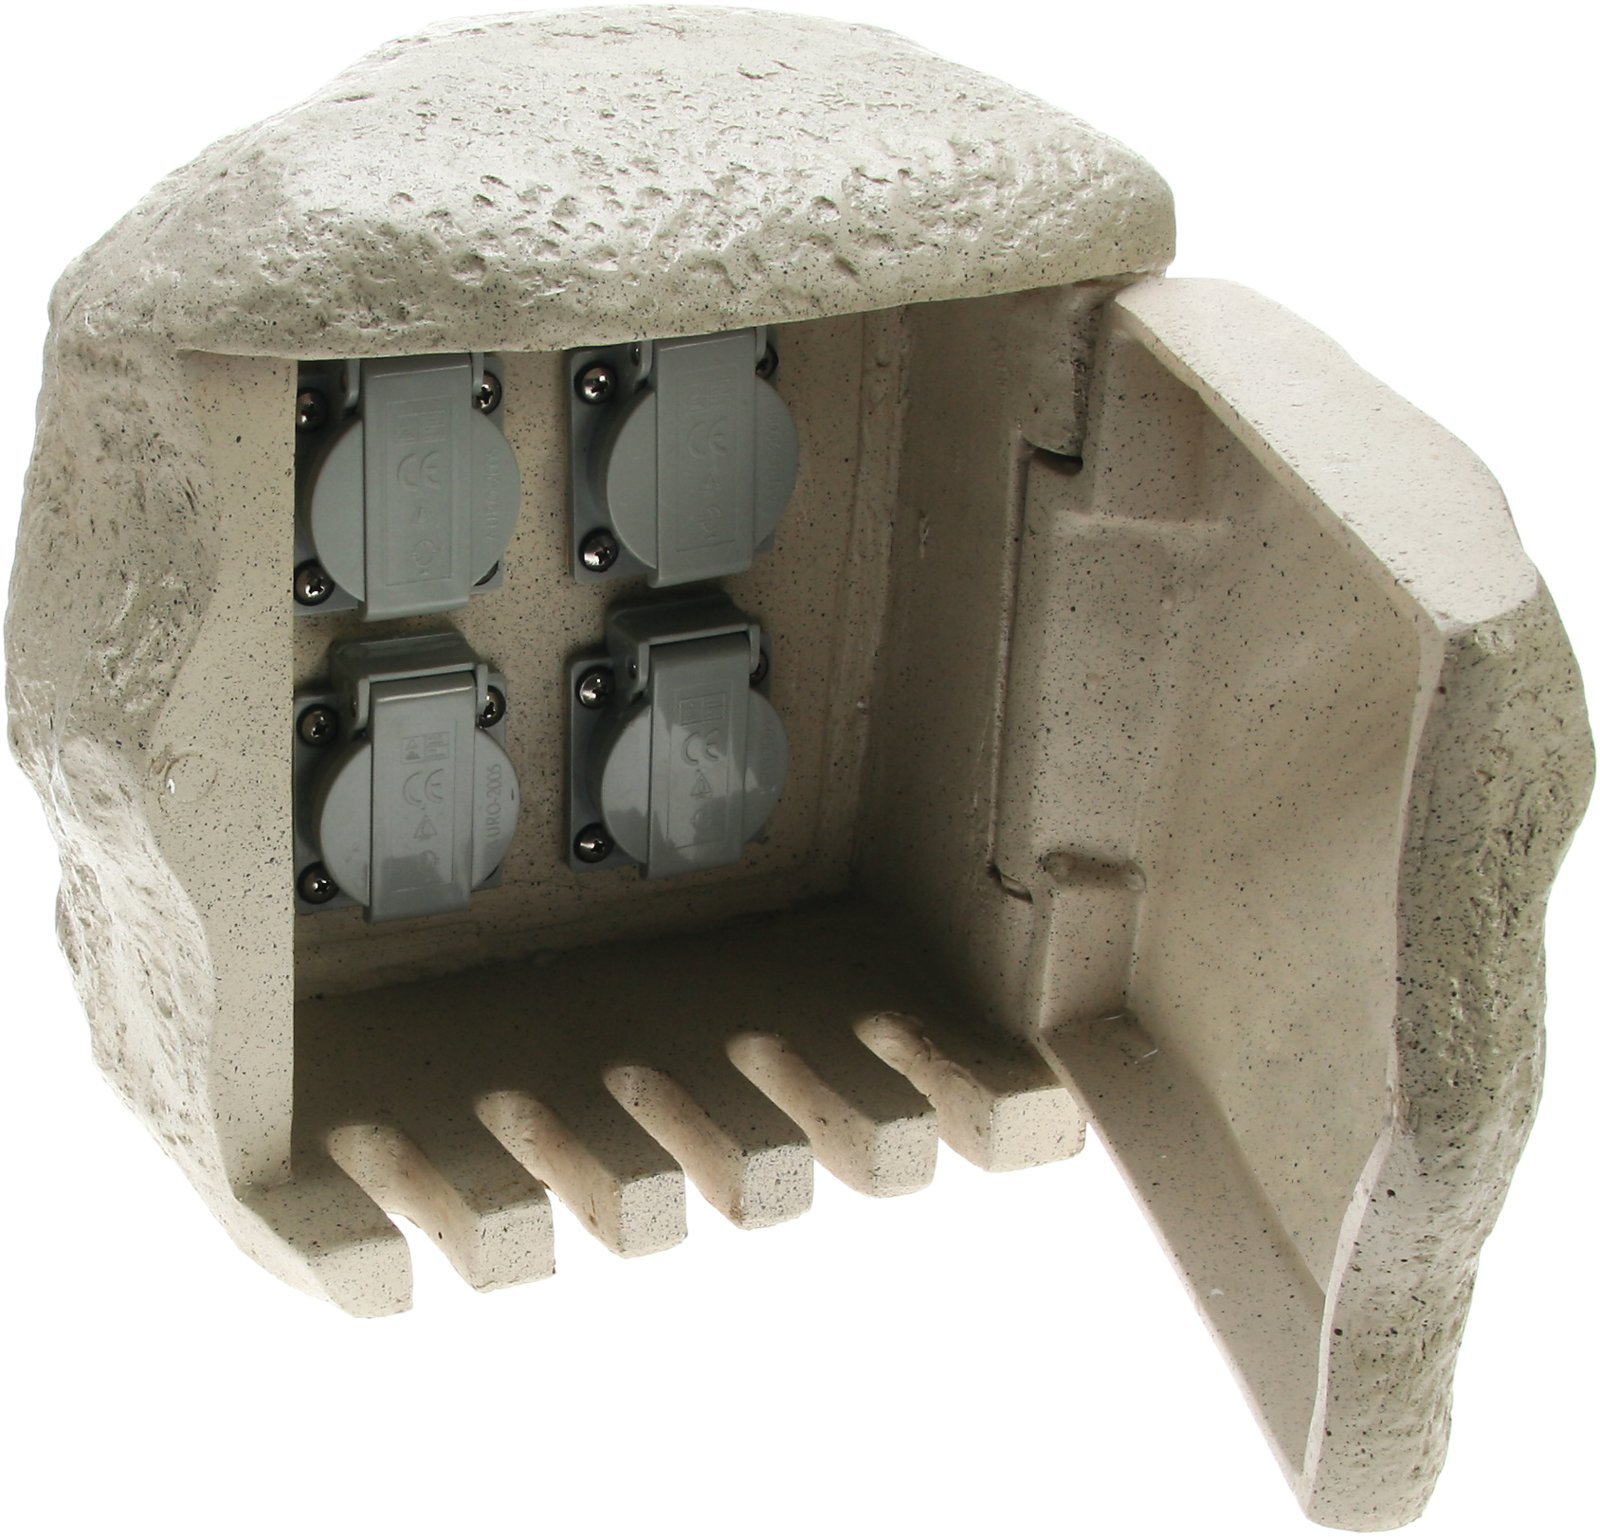 mehrfach steckdose stein 4 fach au en granit f r direktanschluss. Black Bedroom Furniture Sets. Home Design Ideas